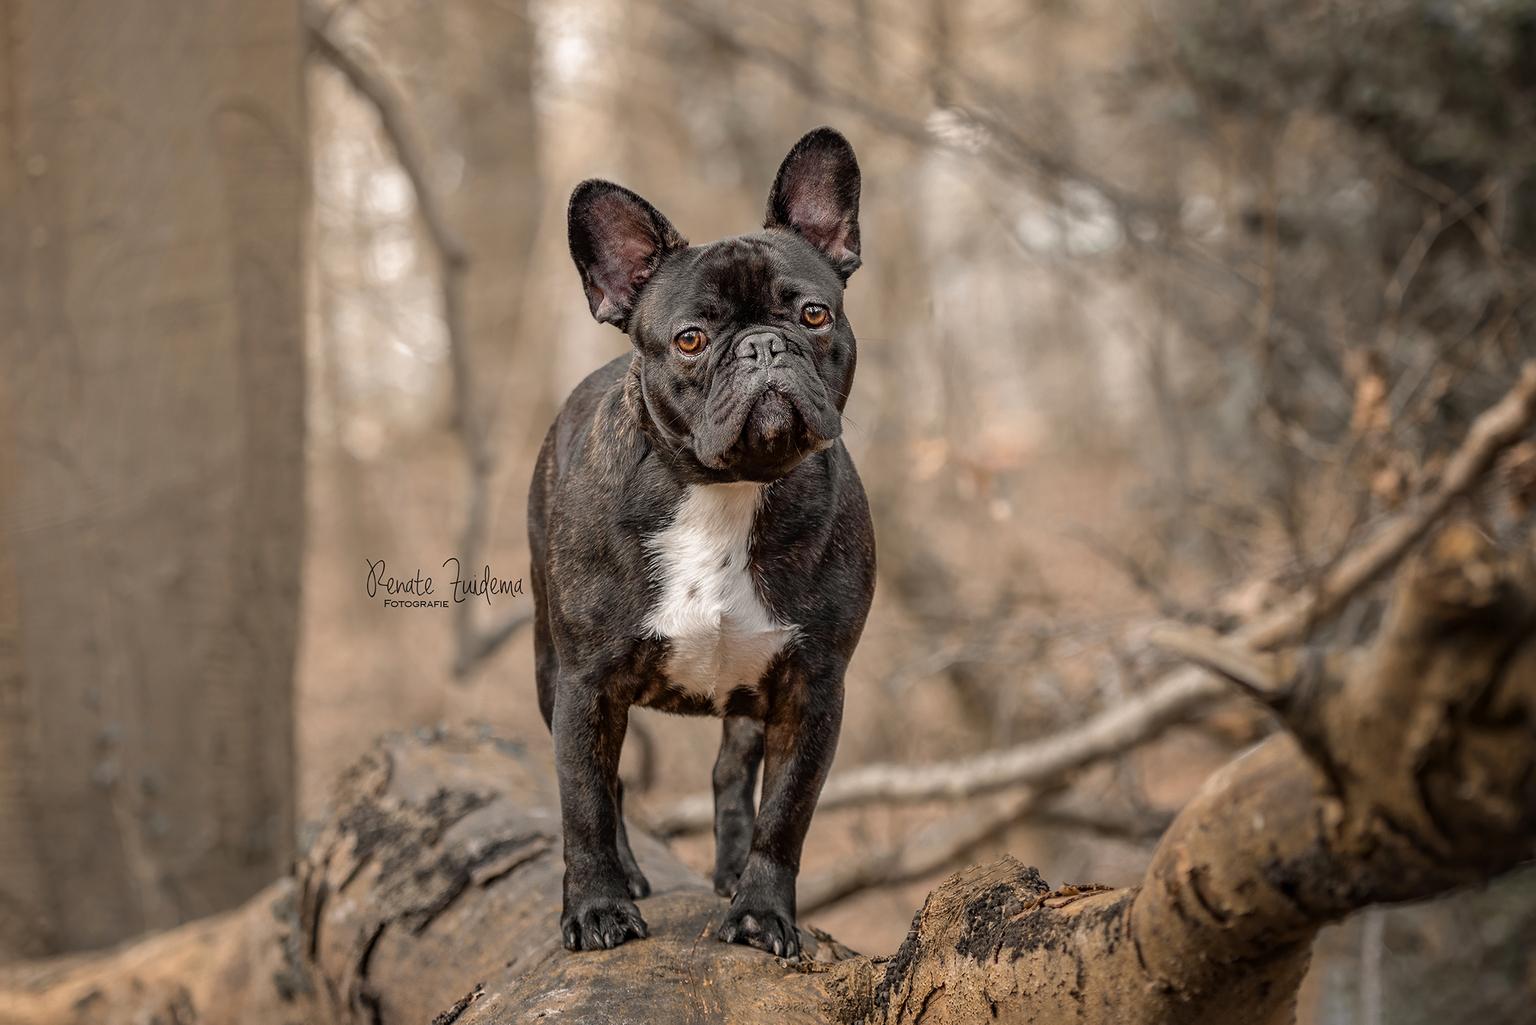 Bumper - Franse Bulldog Bumper, is hij niet vreselijk cute! - foto door RenateZuidemaFotografie op 11-04-2021 - deze foto bevat: franse bulldog, hond, french bulldog, honden, schattig, boomstam, bos, hondenfotografie, dog, hond, carnivoor, hondenras, bakkebaarden, fawn, hout, terrestrische dieren, snuit, bulldog, metgezel hond